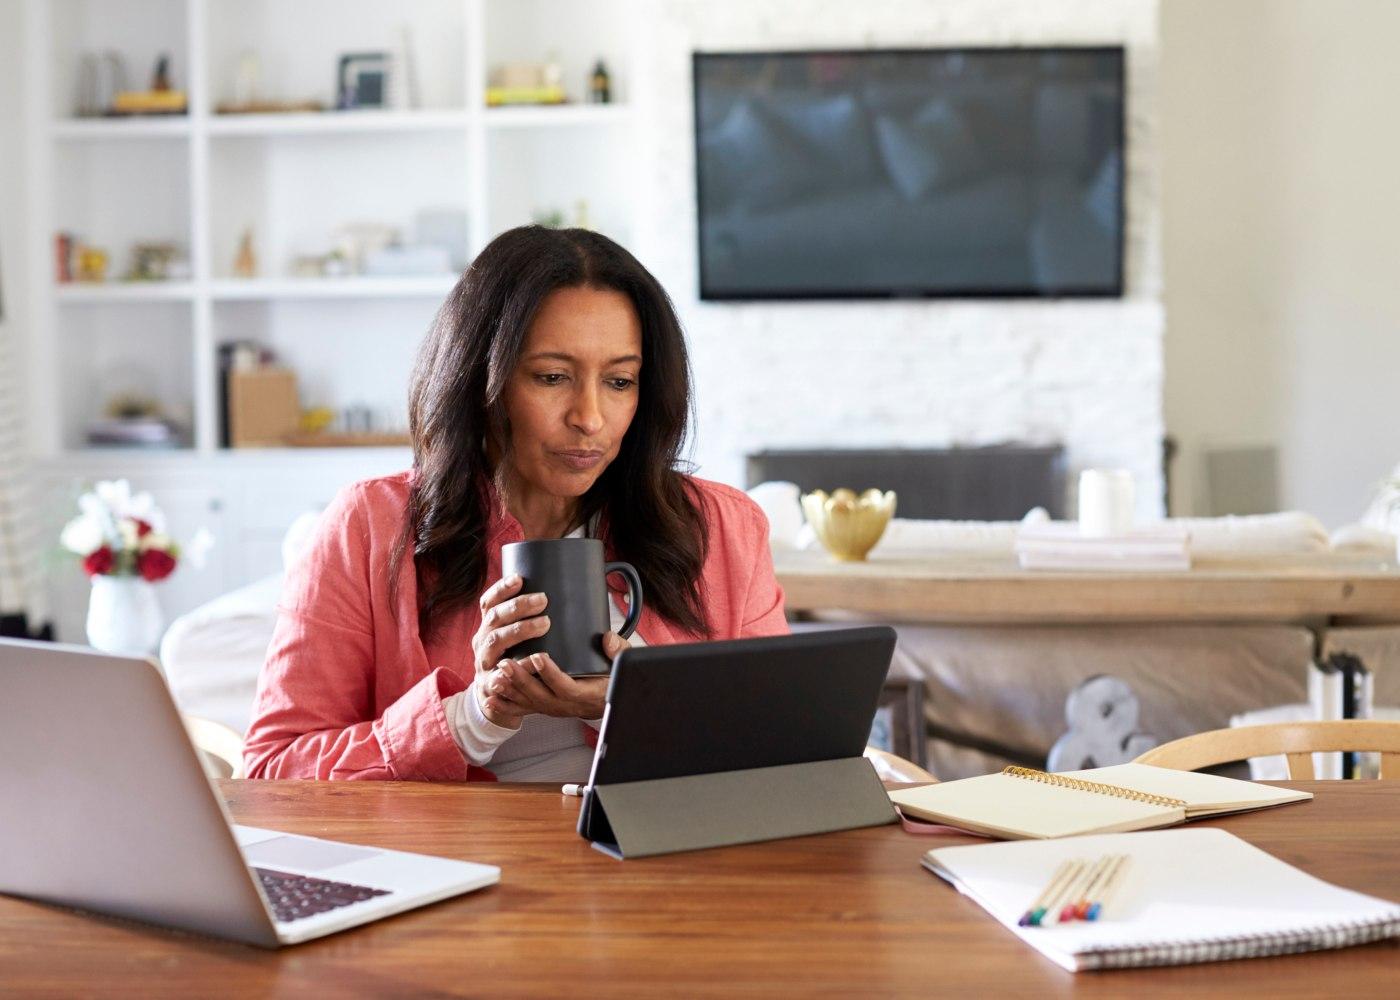 mulher a trabalhar remotamente em casa